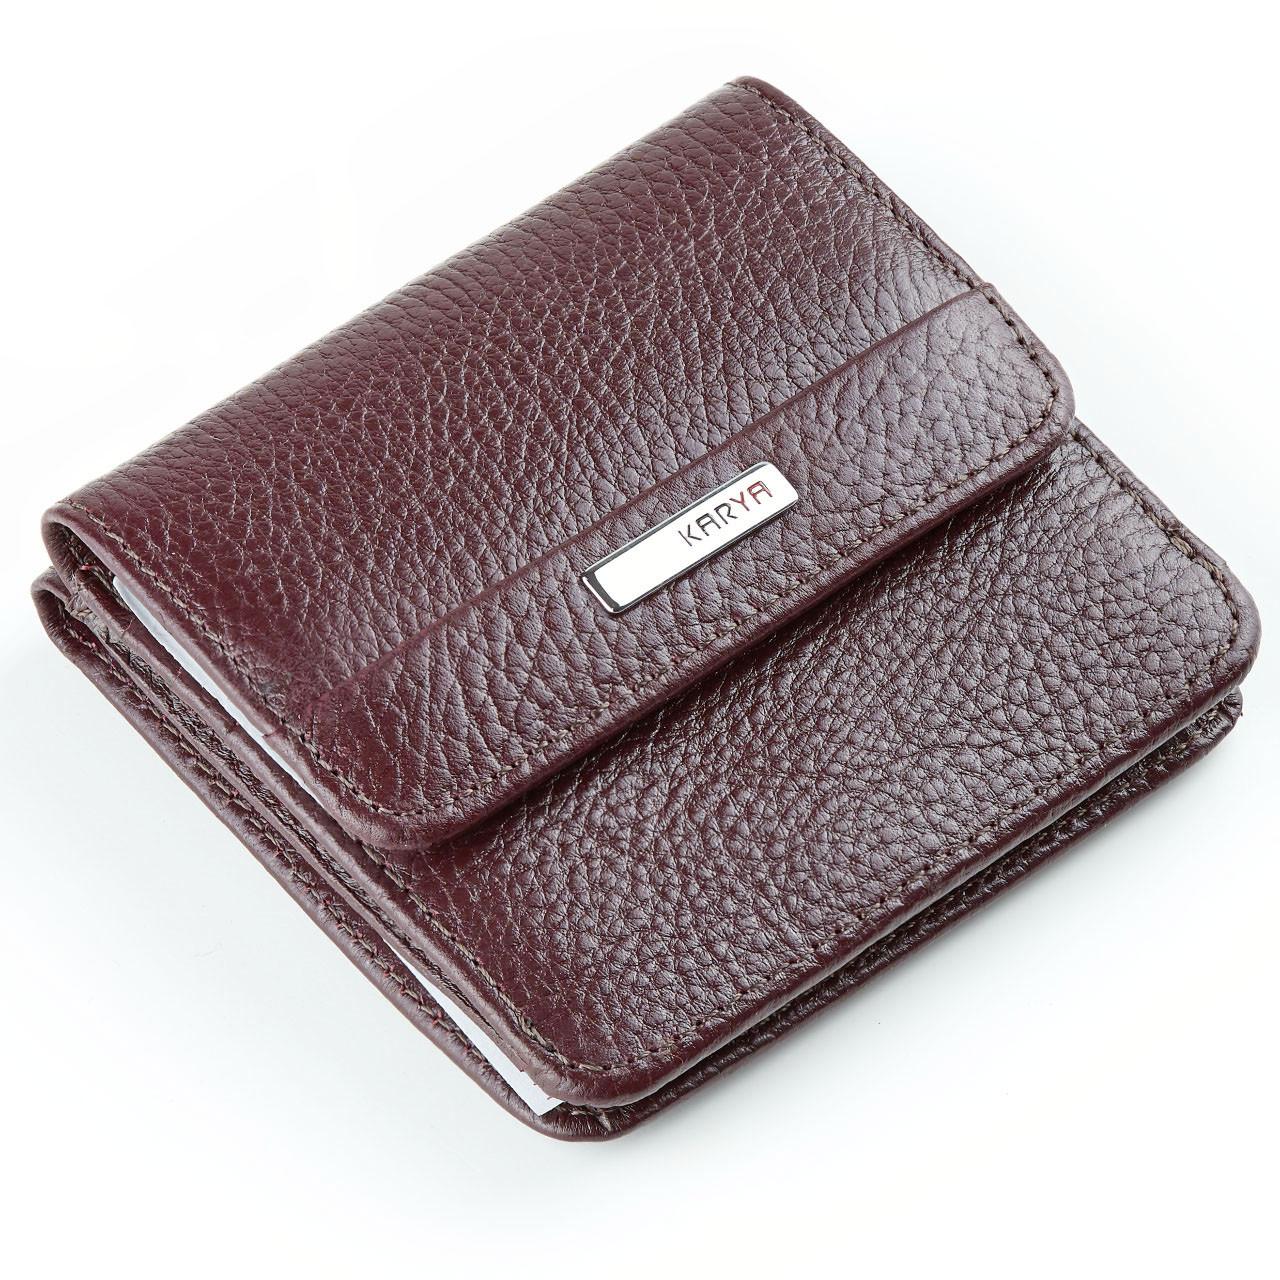 Маленький женский кошелек Karya 1106-243 кожаный бордовый